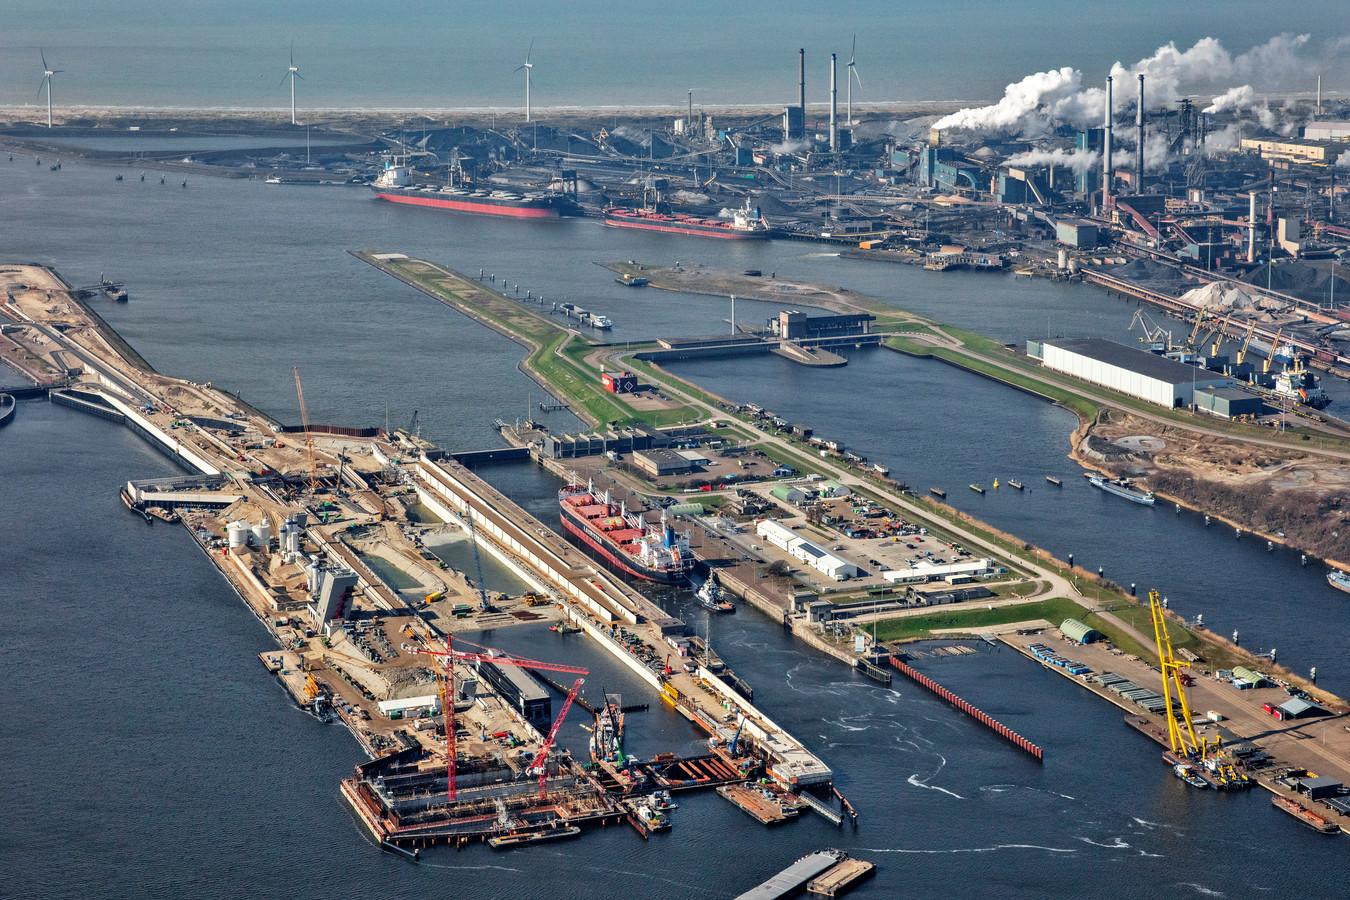 Een luchtfoto van de werkzaamheden aan de nieuwe Zeesluis in het Noordzeekanaal nabij IJmuiden, op de achtergrond Tata Steel.